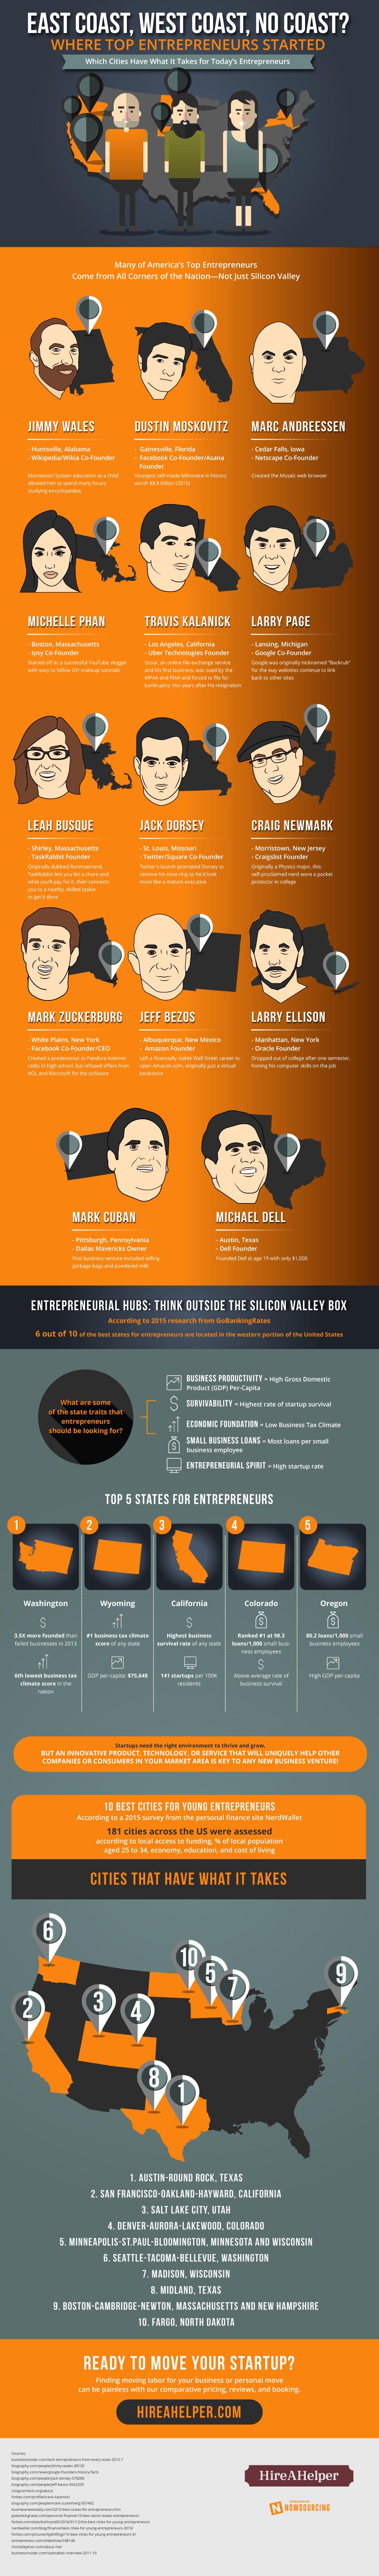 Where Top Entrepreneurs Got Their Start